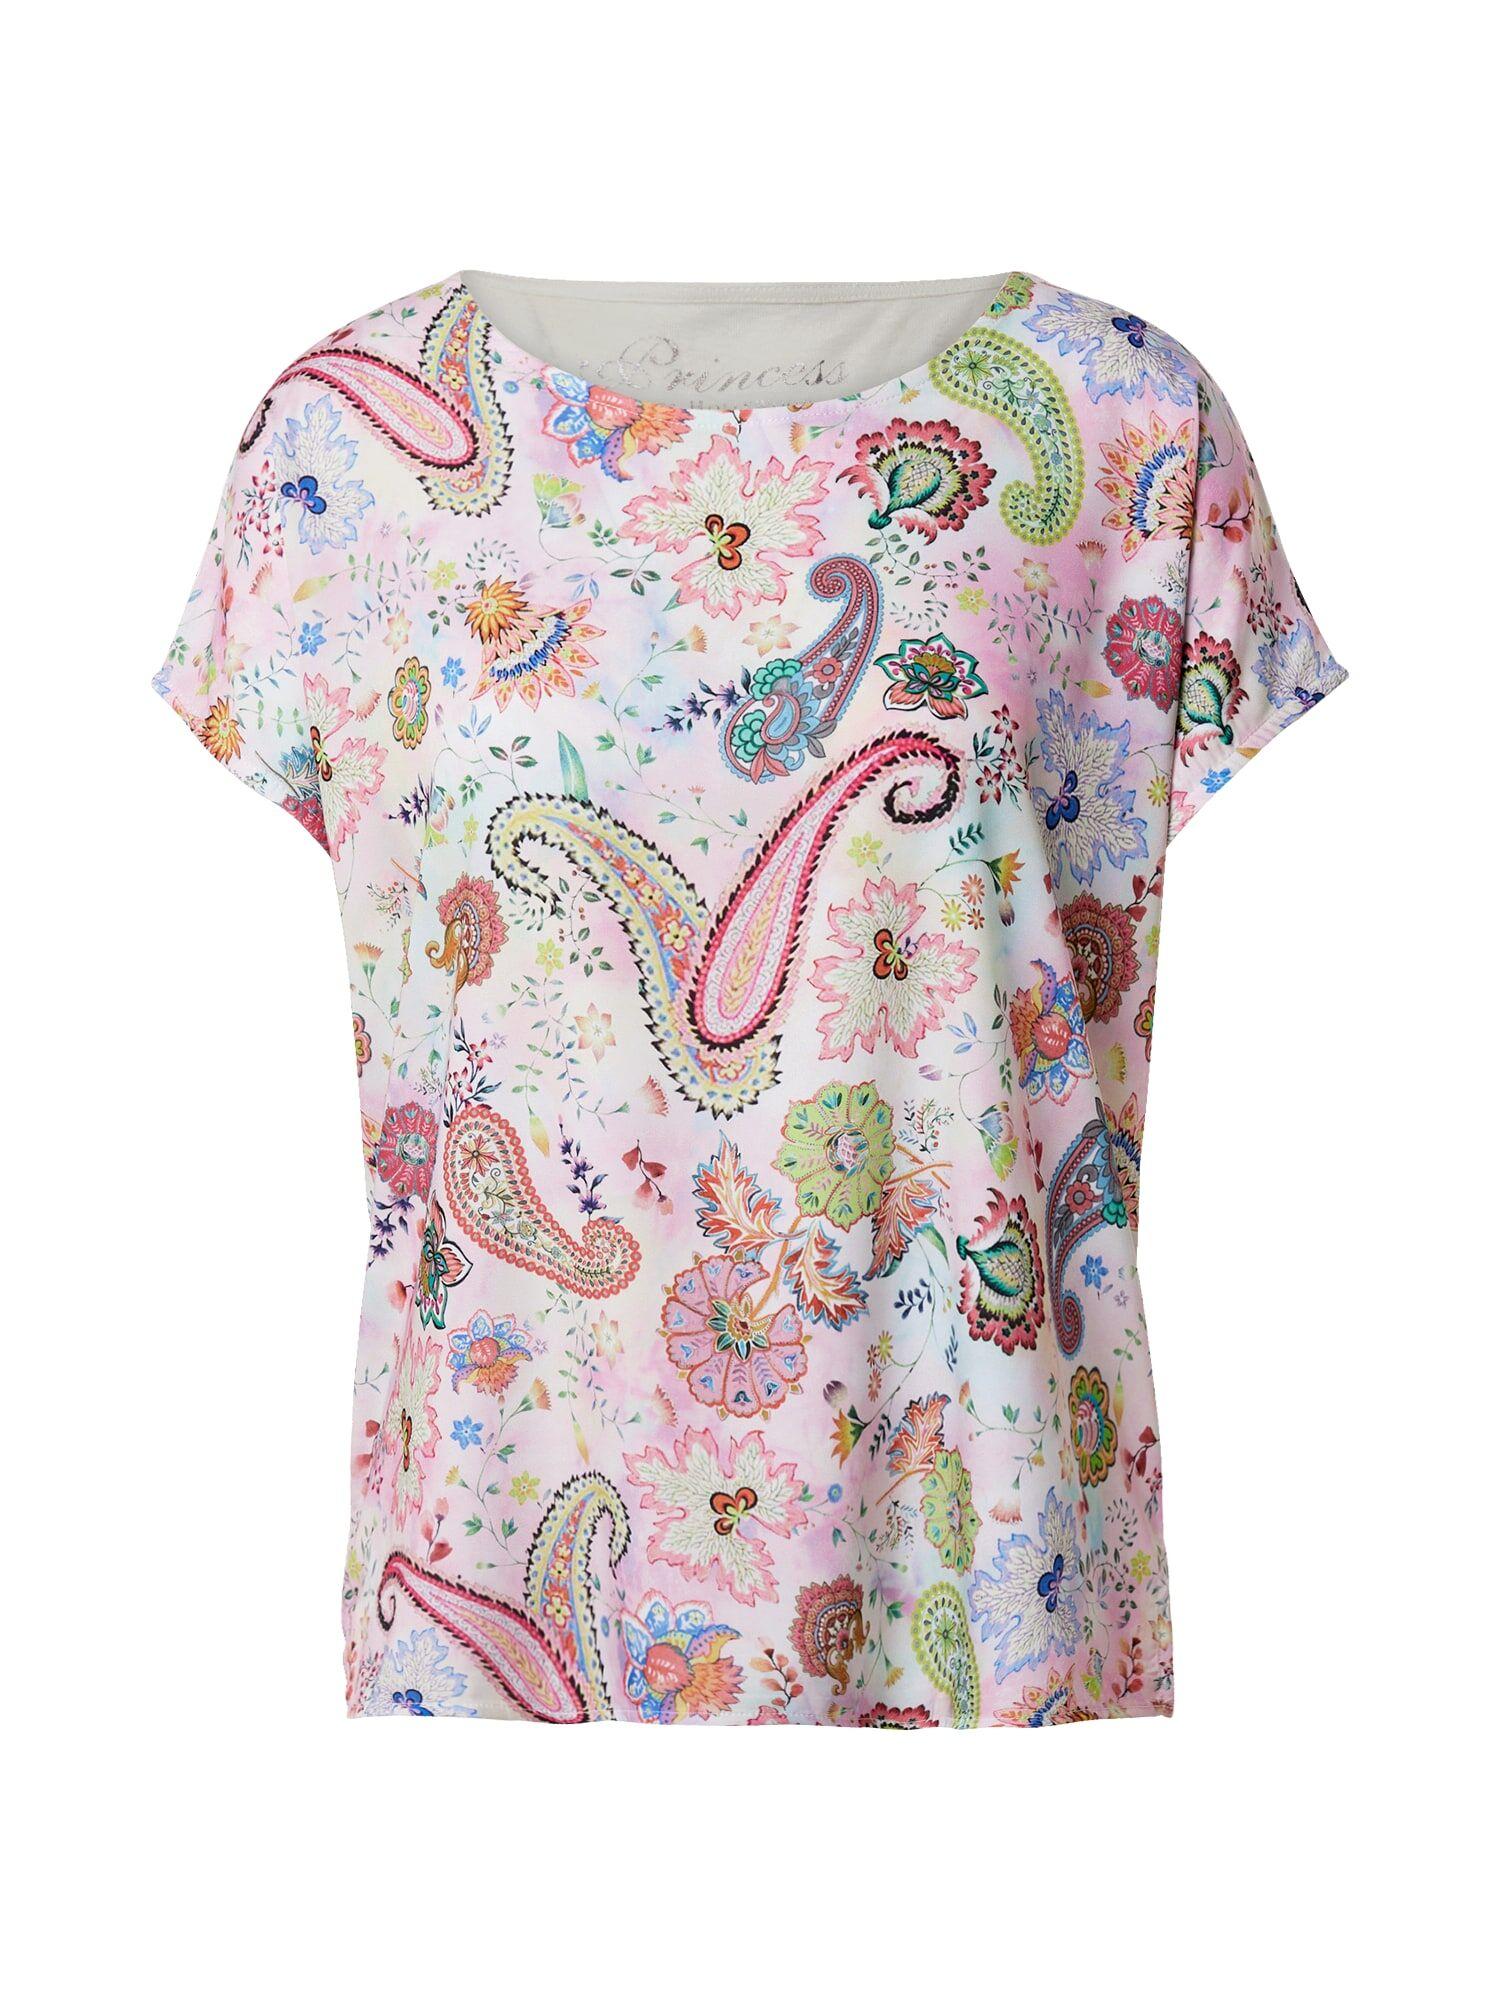 Princess T-shirt 'Paisley'  - MéLange De Couleurs - Taille: 36 - female